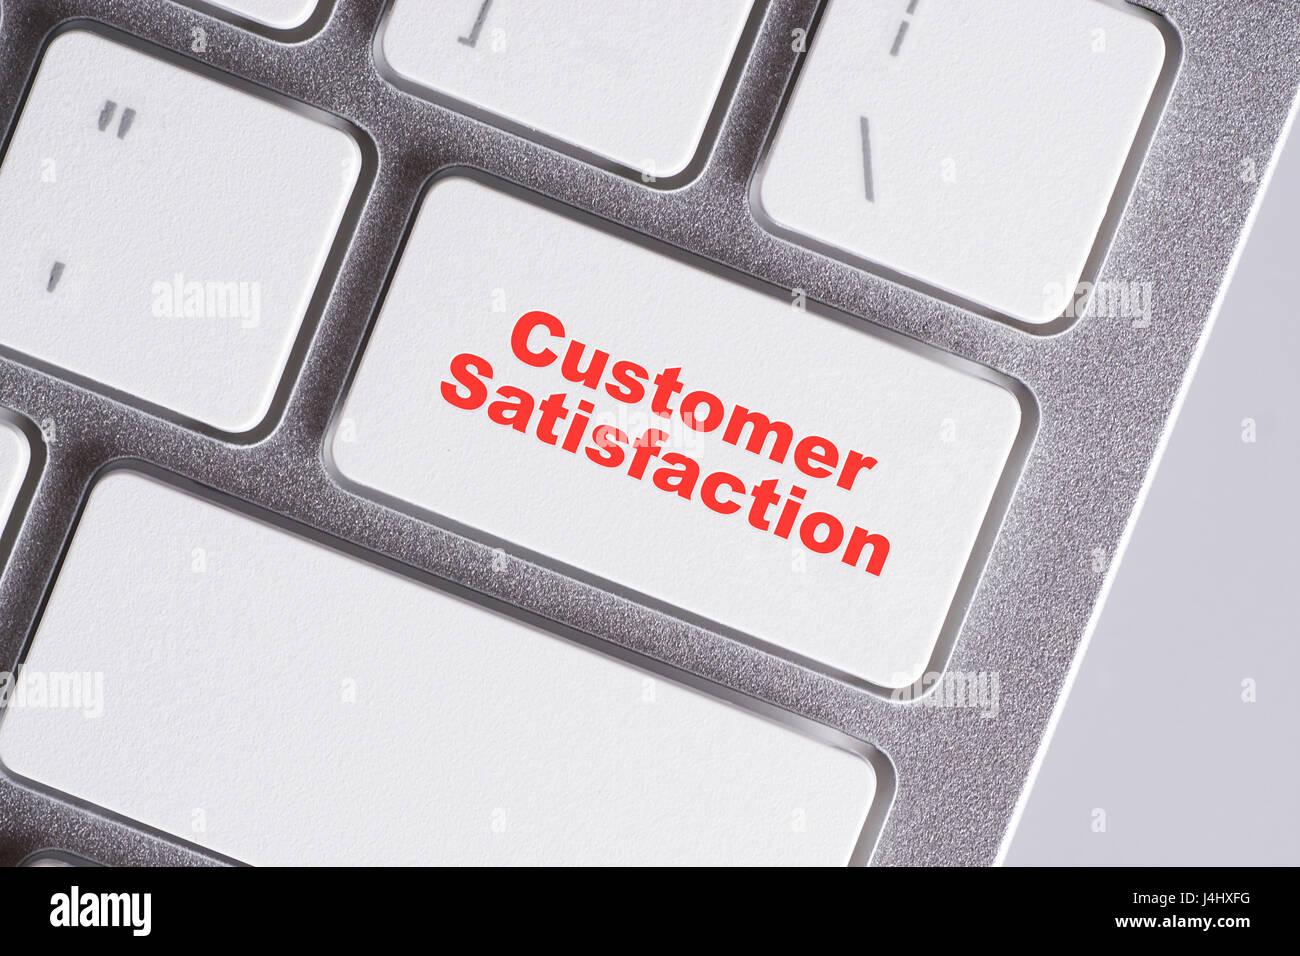 """""""La Satisfaction Client' mots rouges sur fond blanc - clavier en ligne, l'éducation et l'entreprise Photo Stock"""